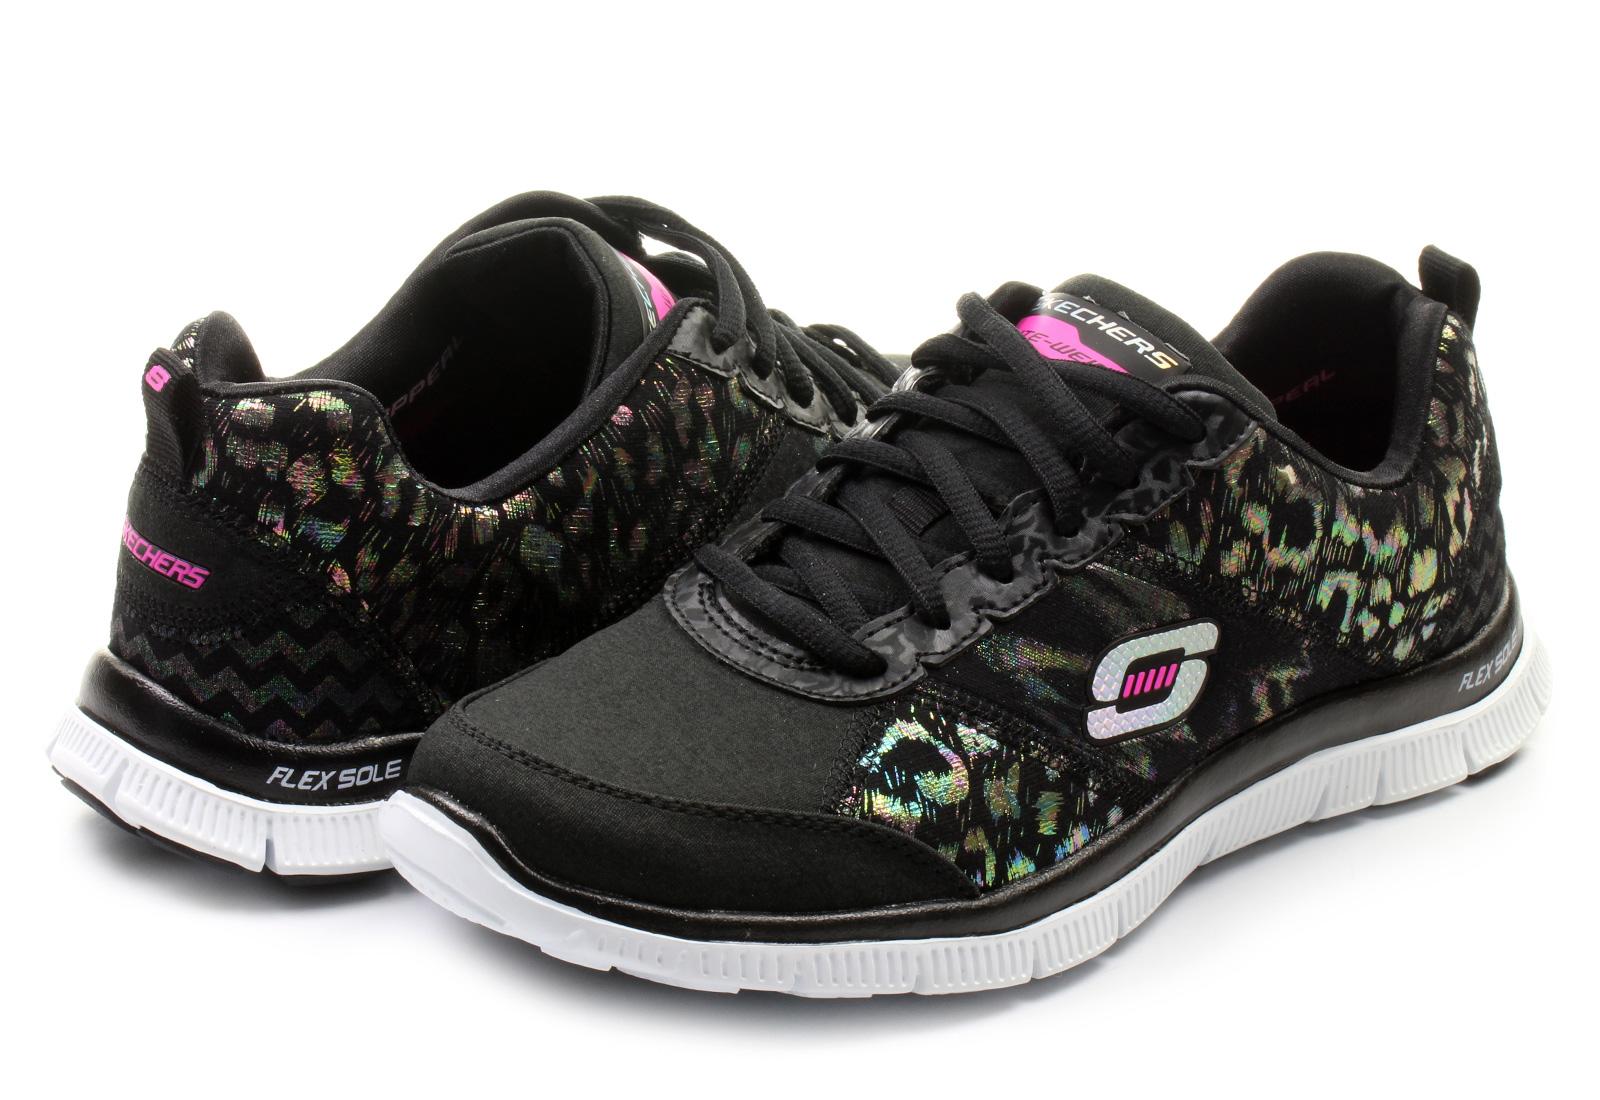 Skechers Cipő - Hollywood Hills - 12199-bkw - Office Shoes Magyarország 74d2610401